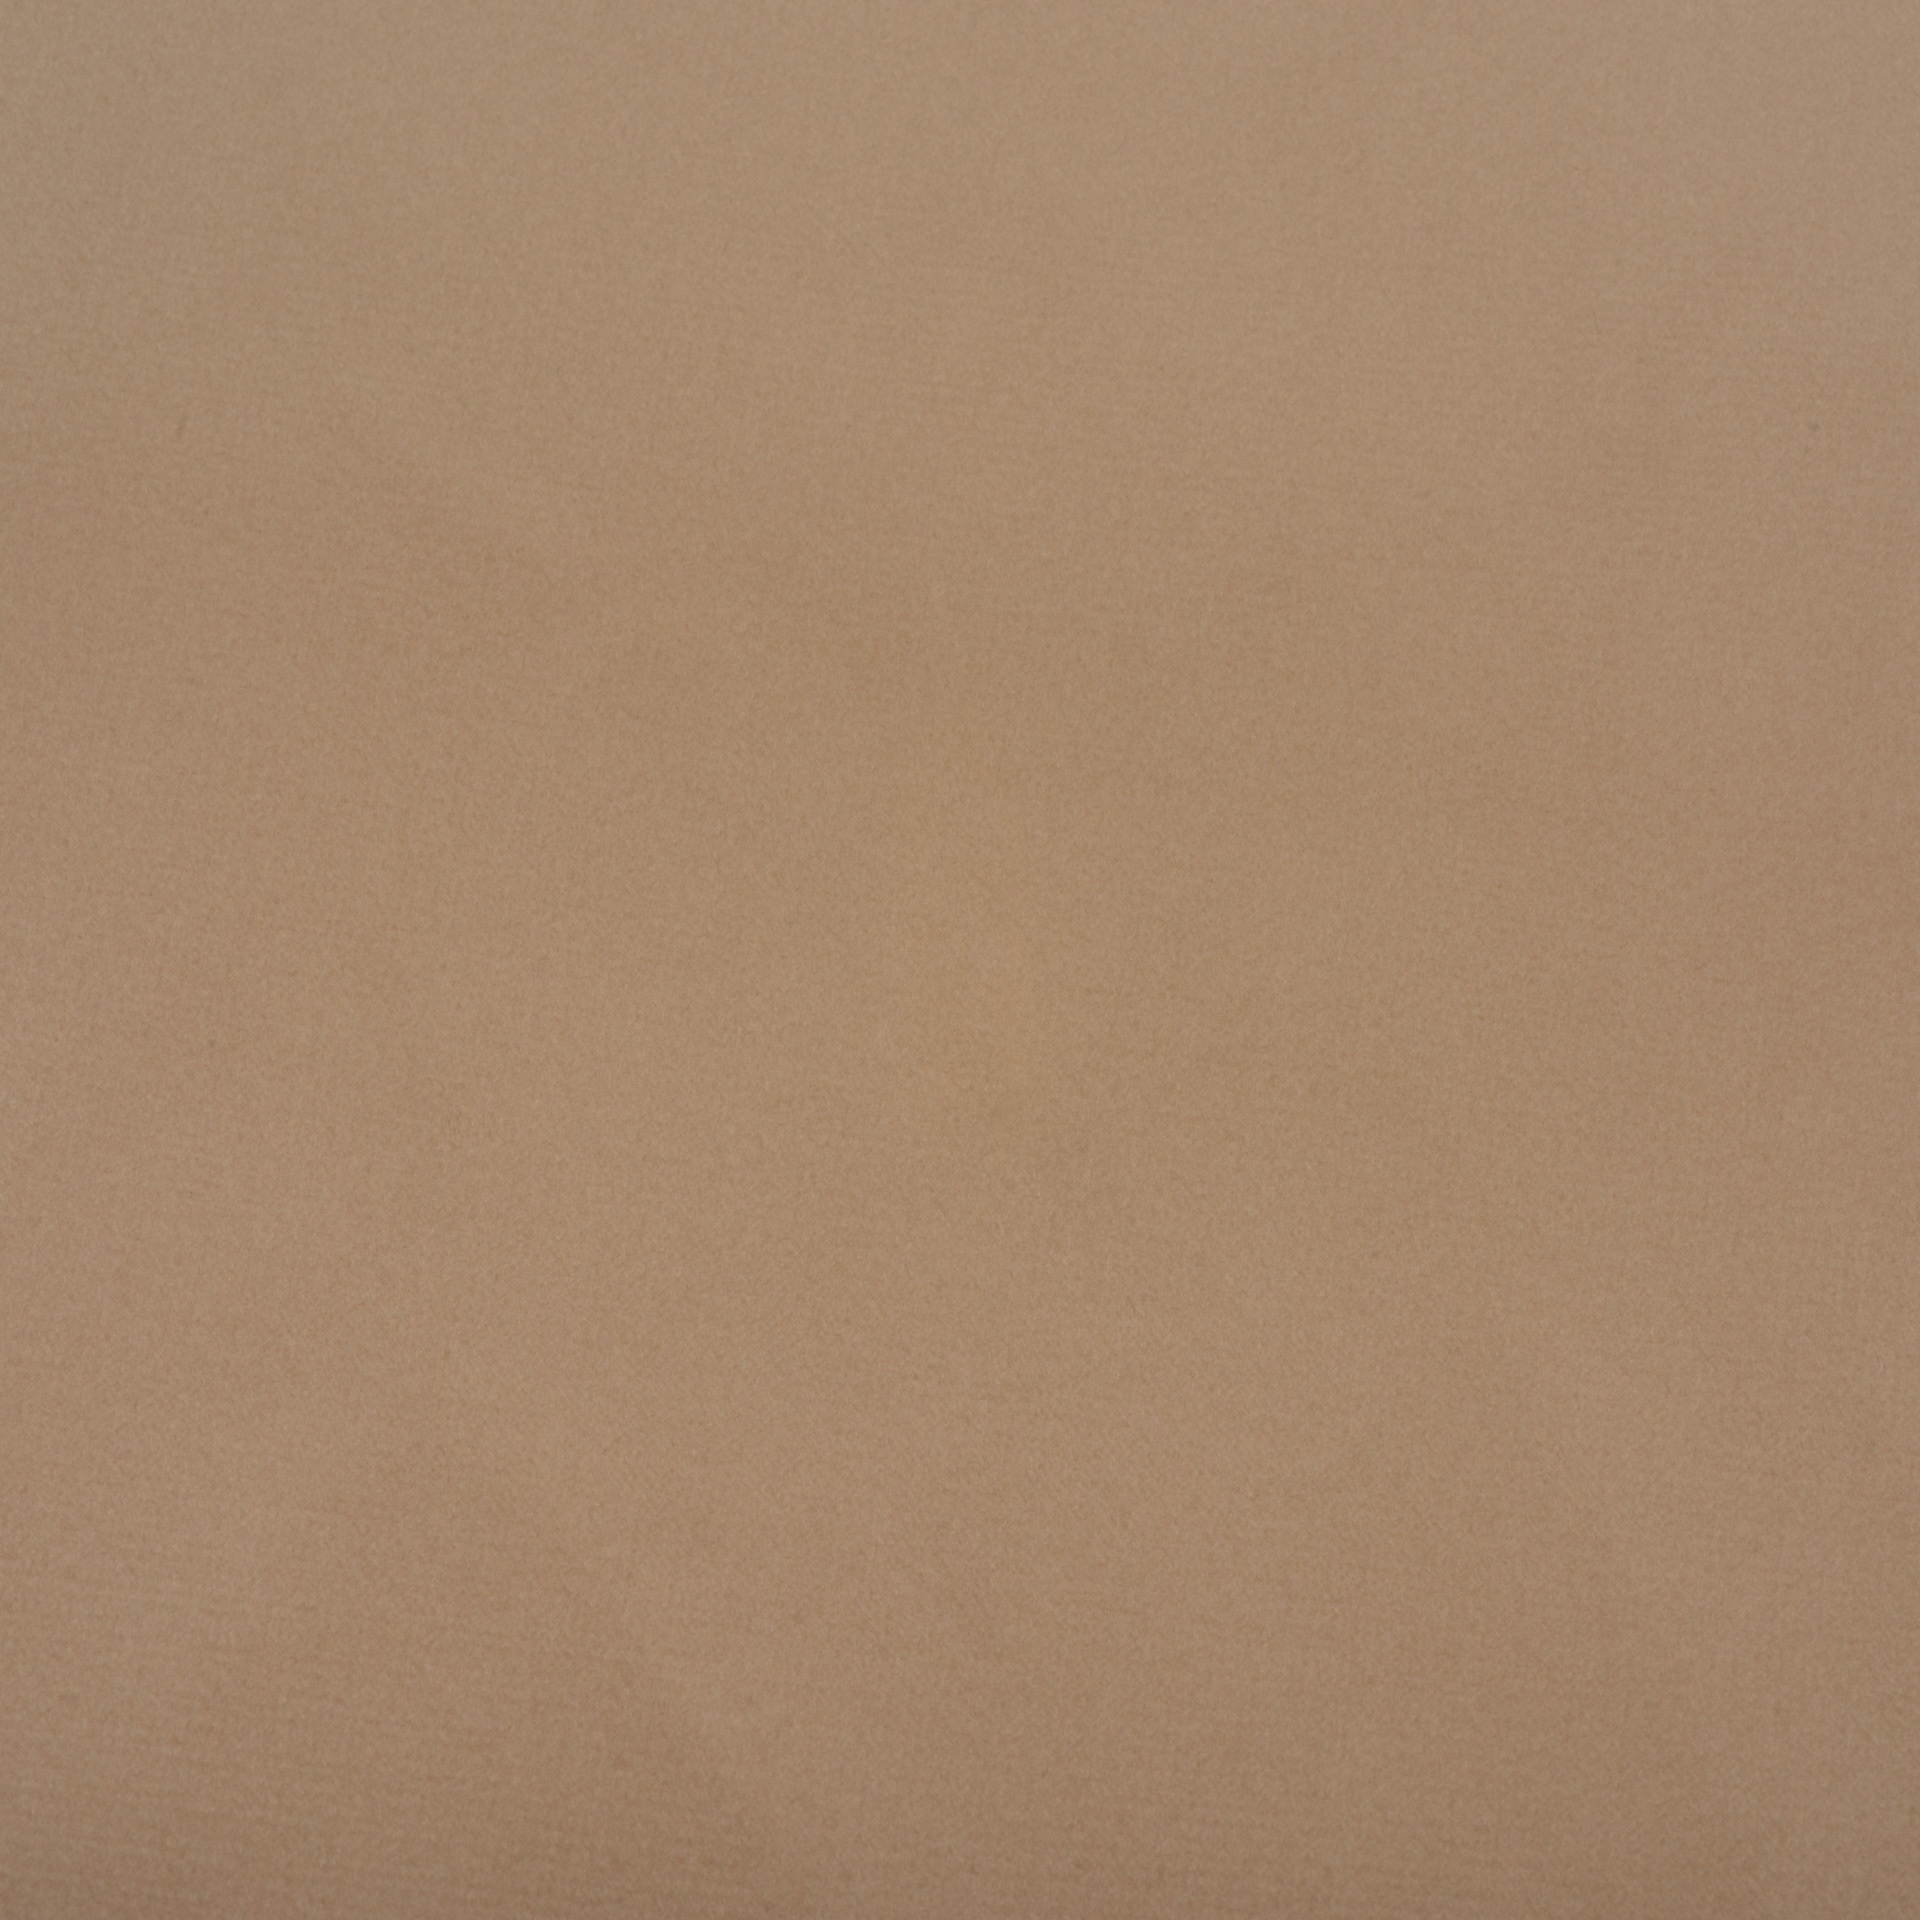 Коллекция ткани Багира 01 FRENCH VANILLY,  купить ткань Велюр для мебели Украина